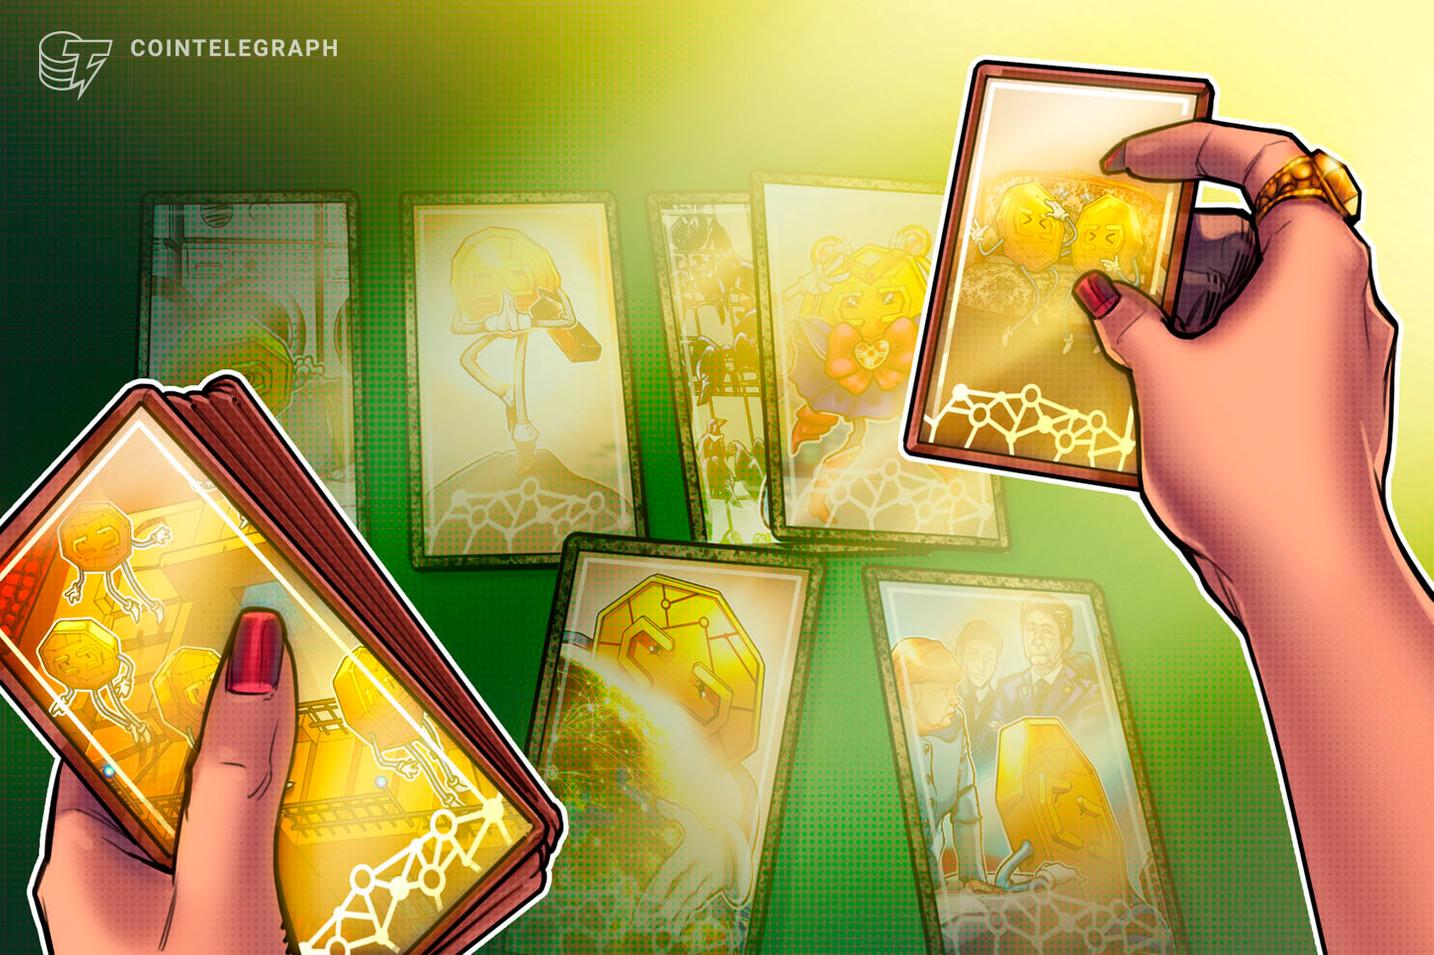 Le più importanti previsioni sull'adozione crypto avveratesi nel 2020